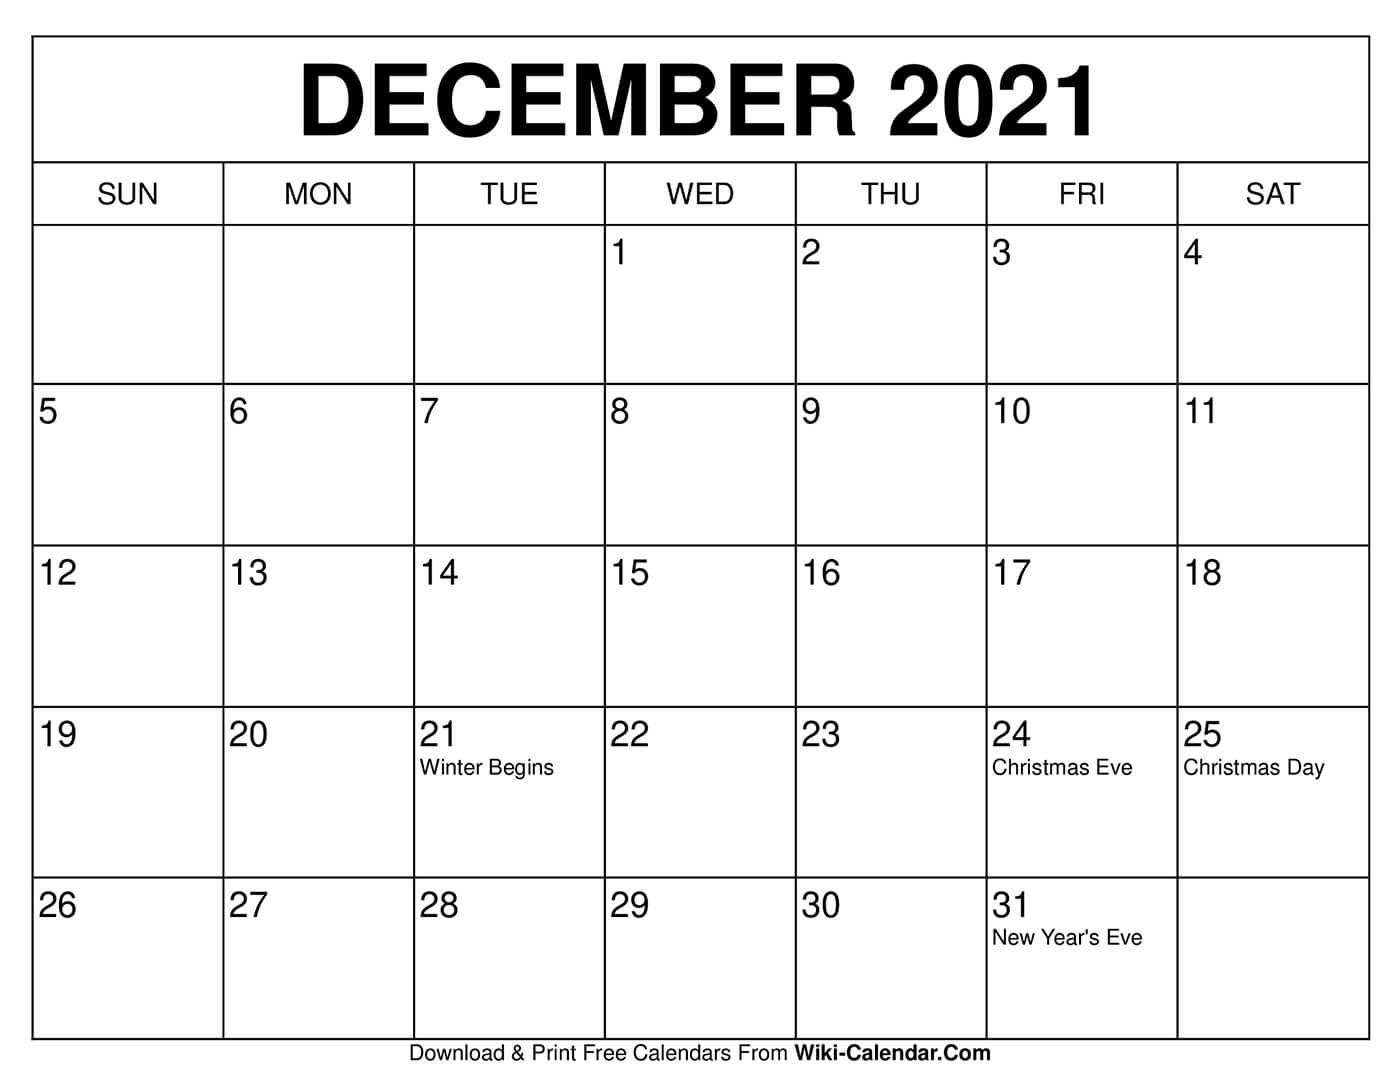 Get December Calender Images 2021